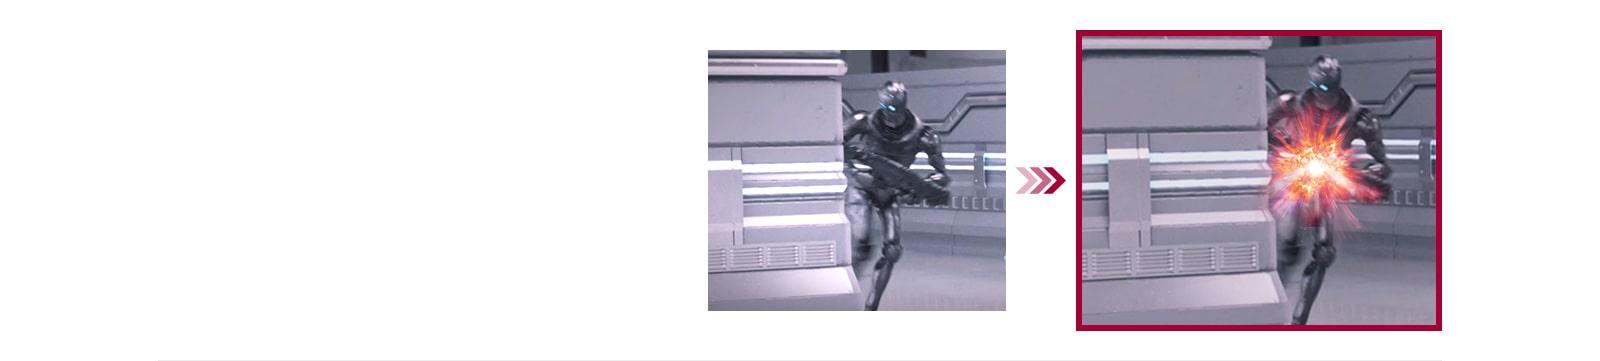 So Sánh Hai Cảnh Game giữa Chế Độ Thông Thường và Chế Độ Dynamic Action Sync với Độ Trễ Đầu Vào Được Giảm Thiểu